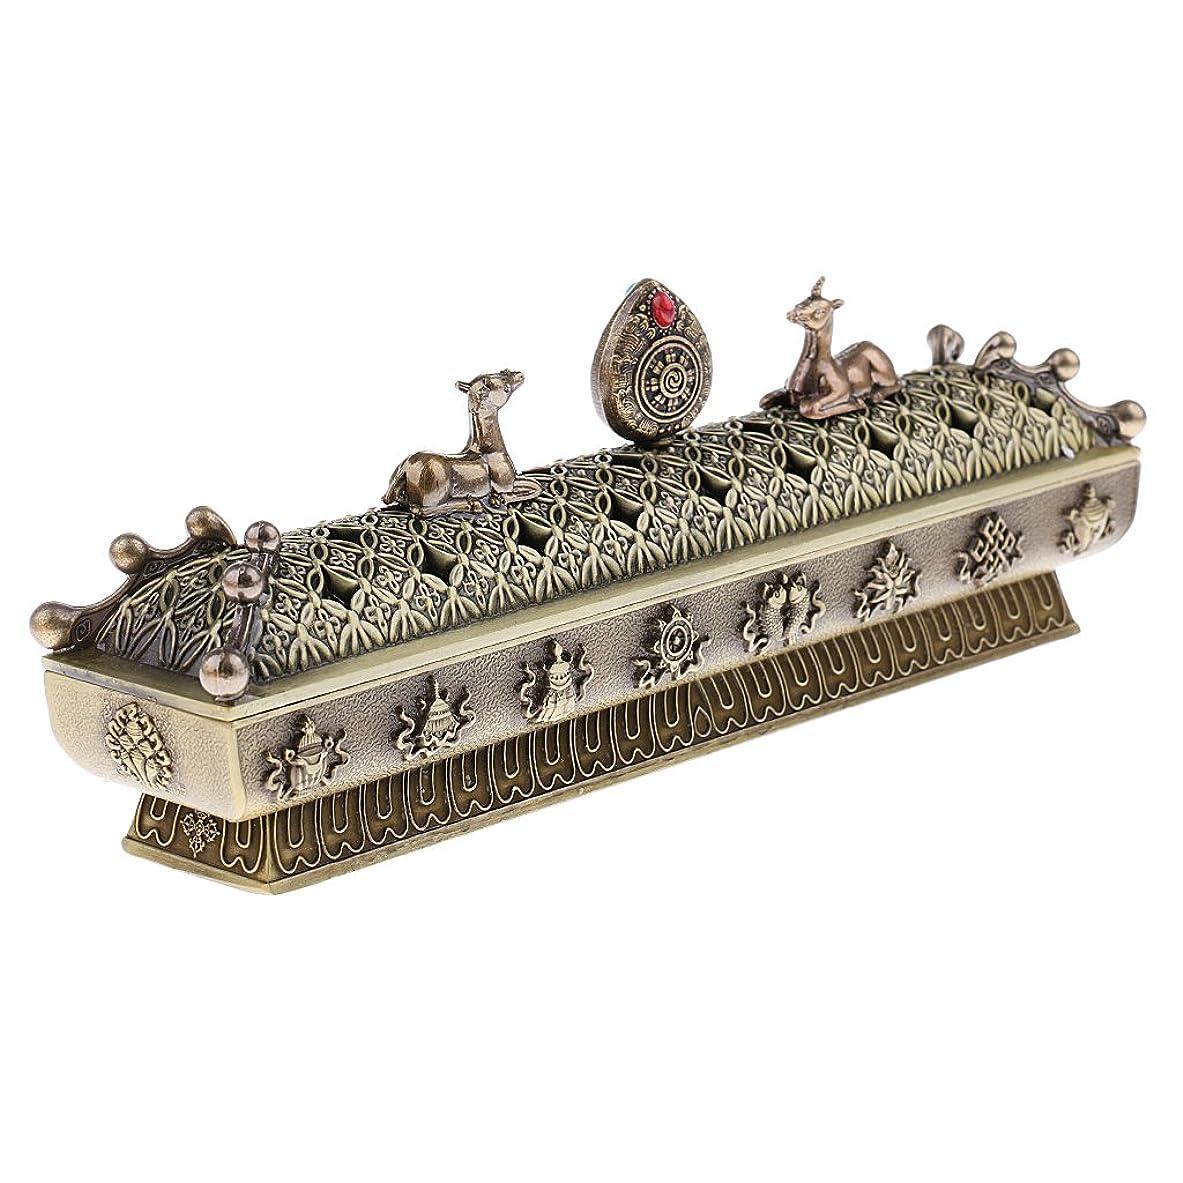 伝染病散歩硬化するSONONIA 仏教 コーン 香りバーナー アッシュキャッチャー 香炉 全3色 - ブロンズ